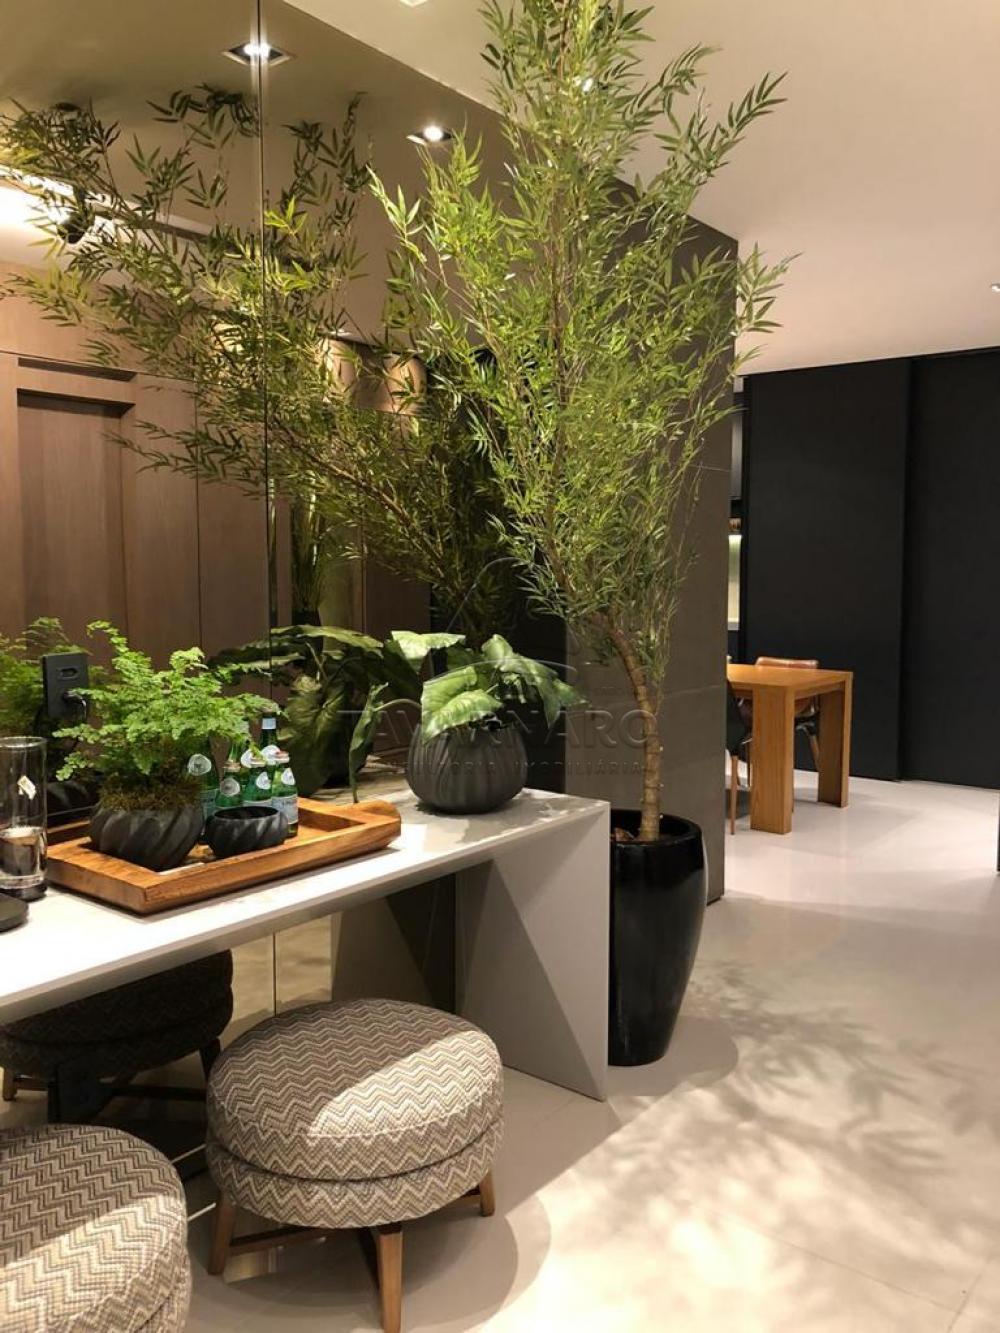 Comprar Apartamento / Padrão em Ponta Grossa R$ 1.500.000,00 - Foto 24